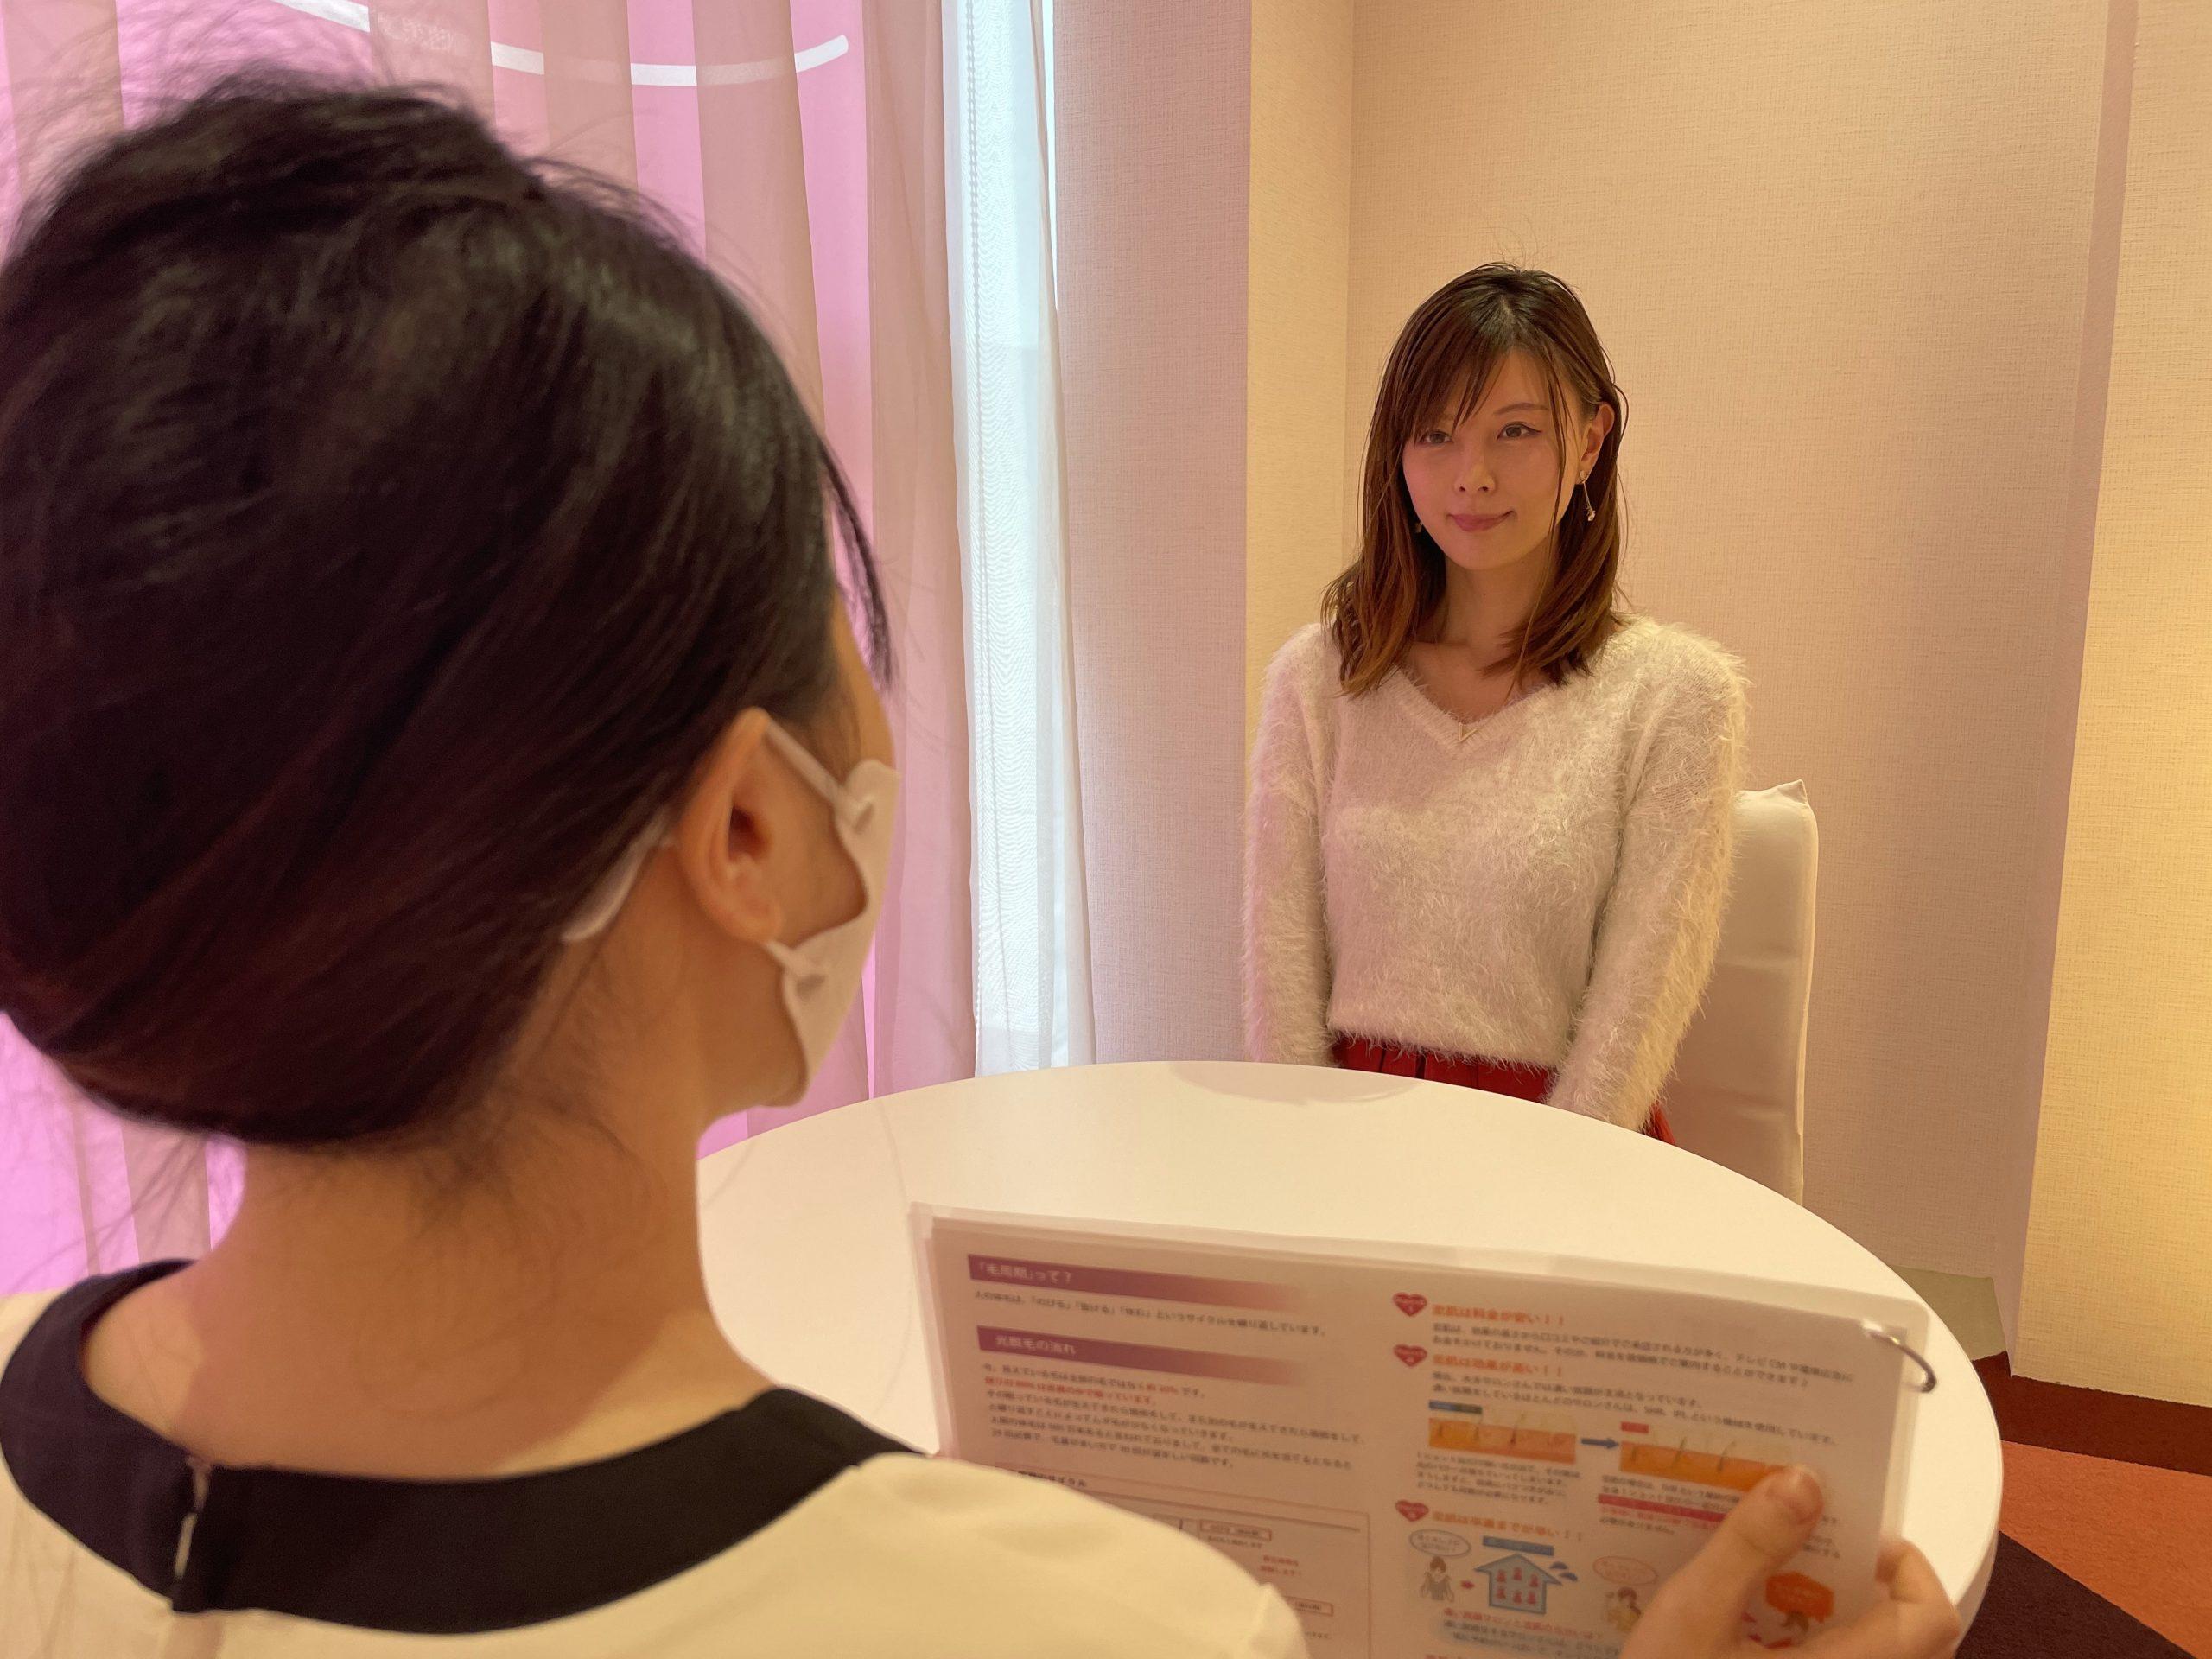 恋肌銀座店 無料カウンセリング体験 施術体験 初めての脱毛